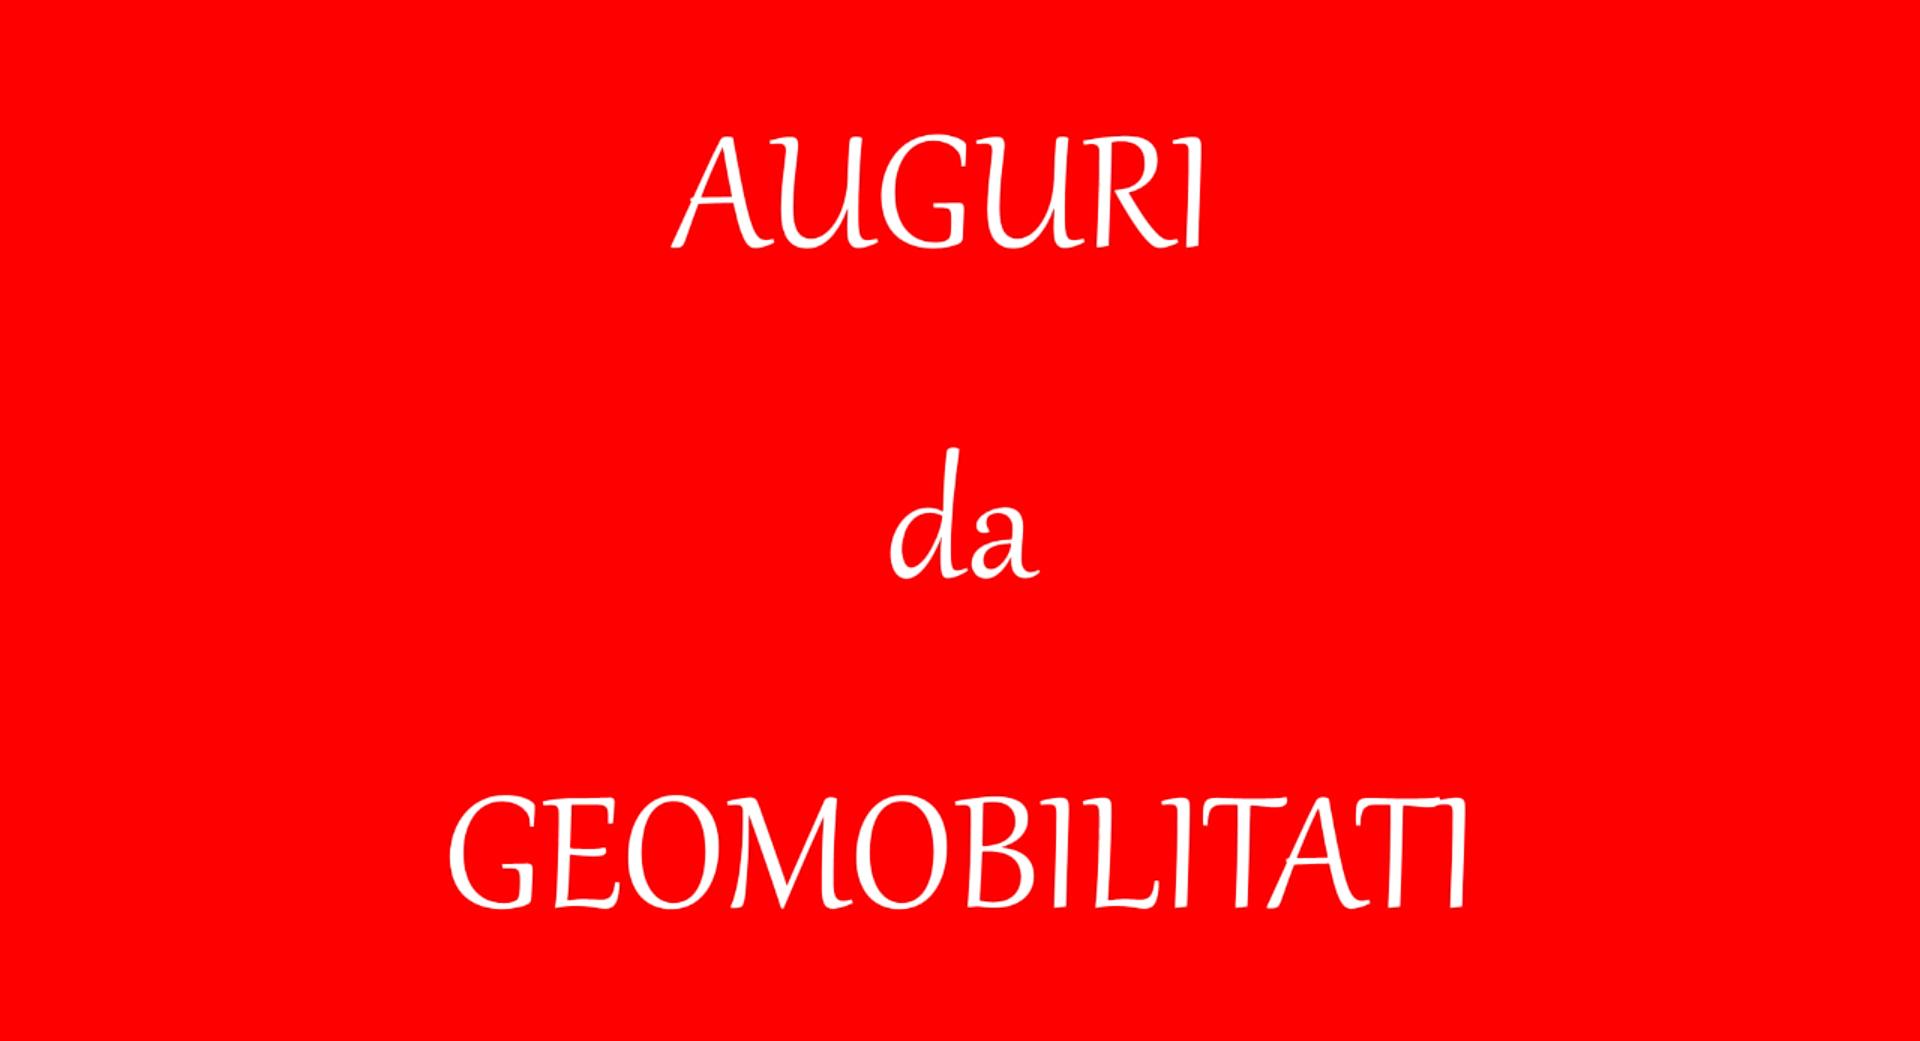 AUGURI DA GEOMOBILITATI